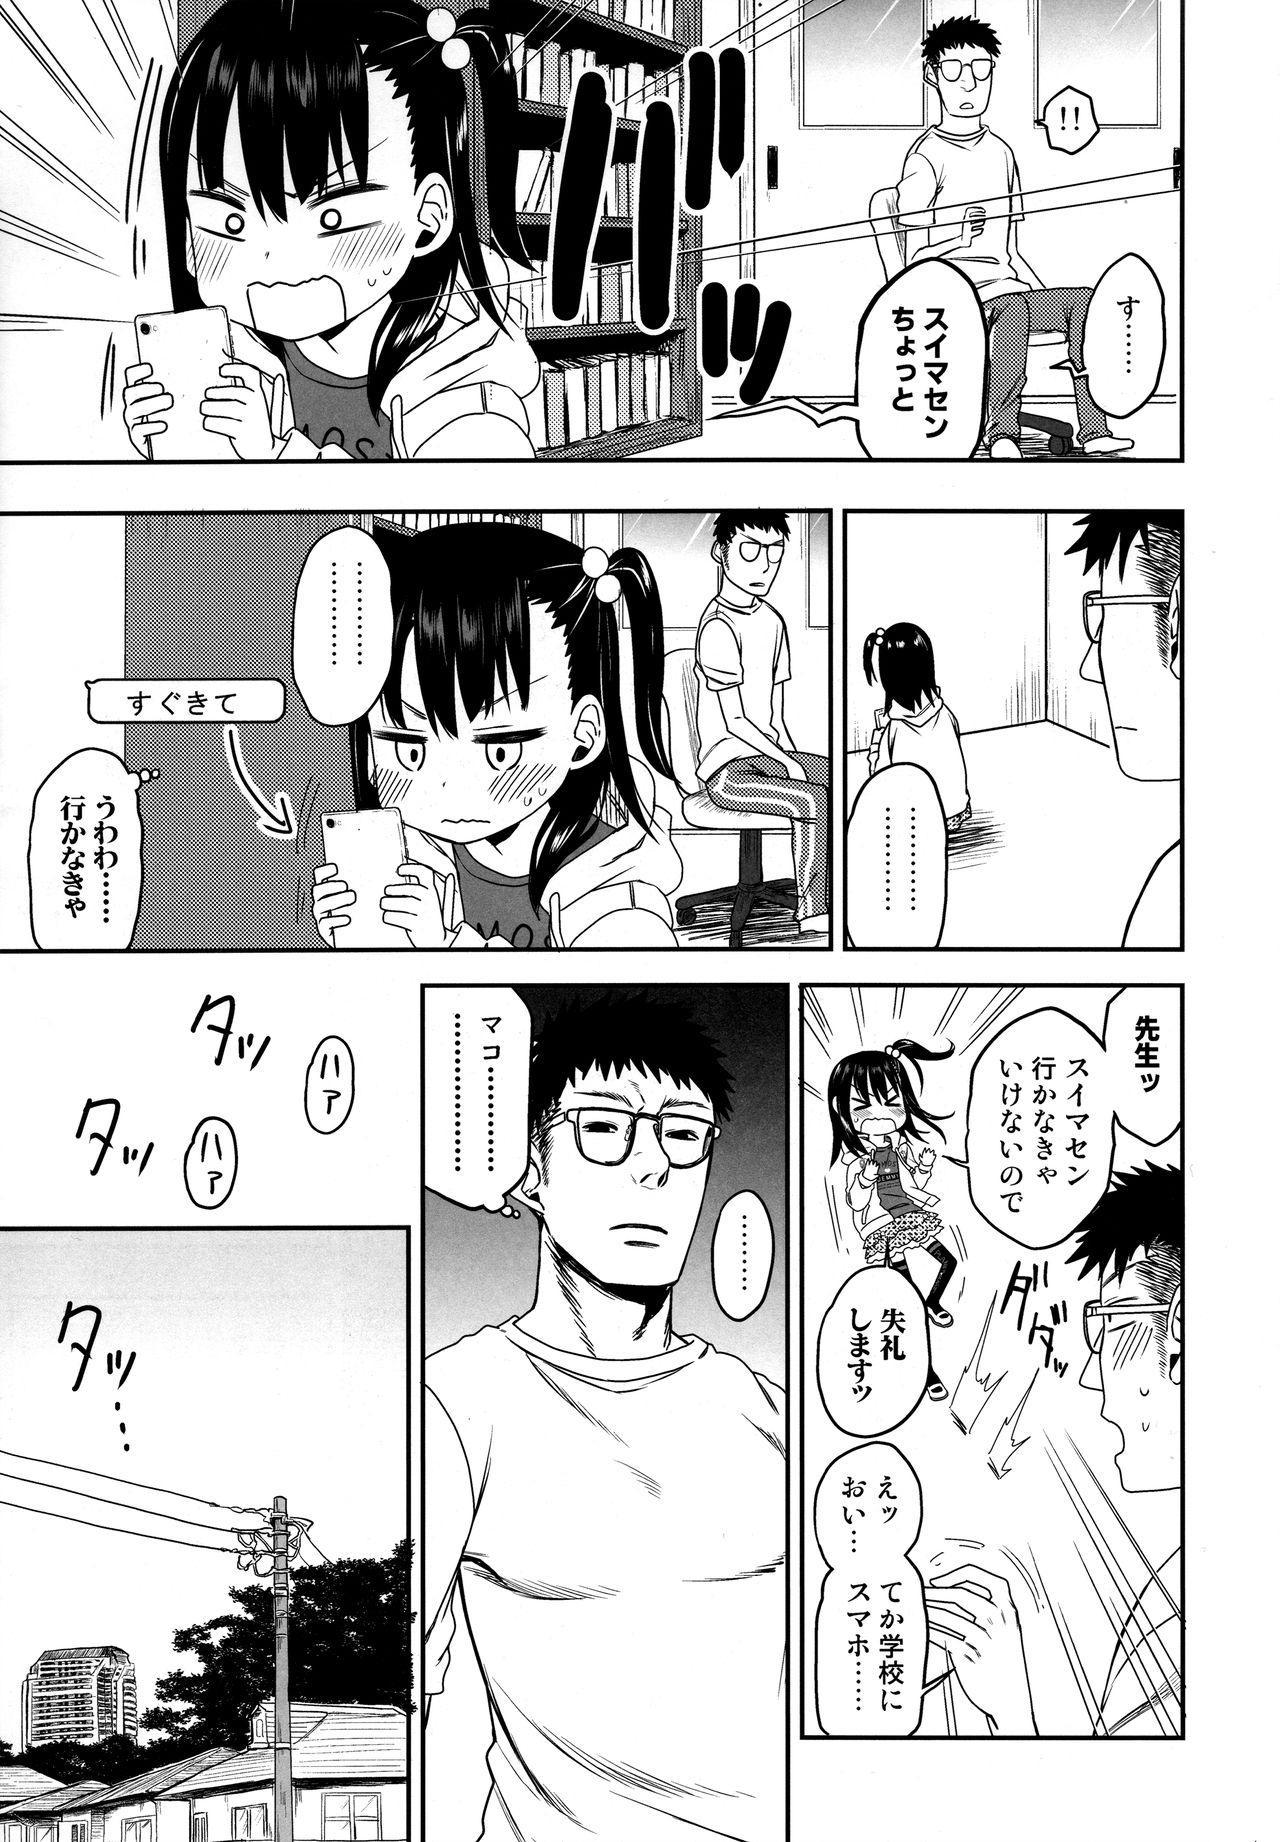 Tonari no Mako-chan Season 2 Vol. 1 20